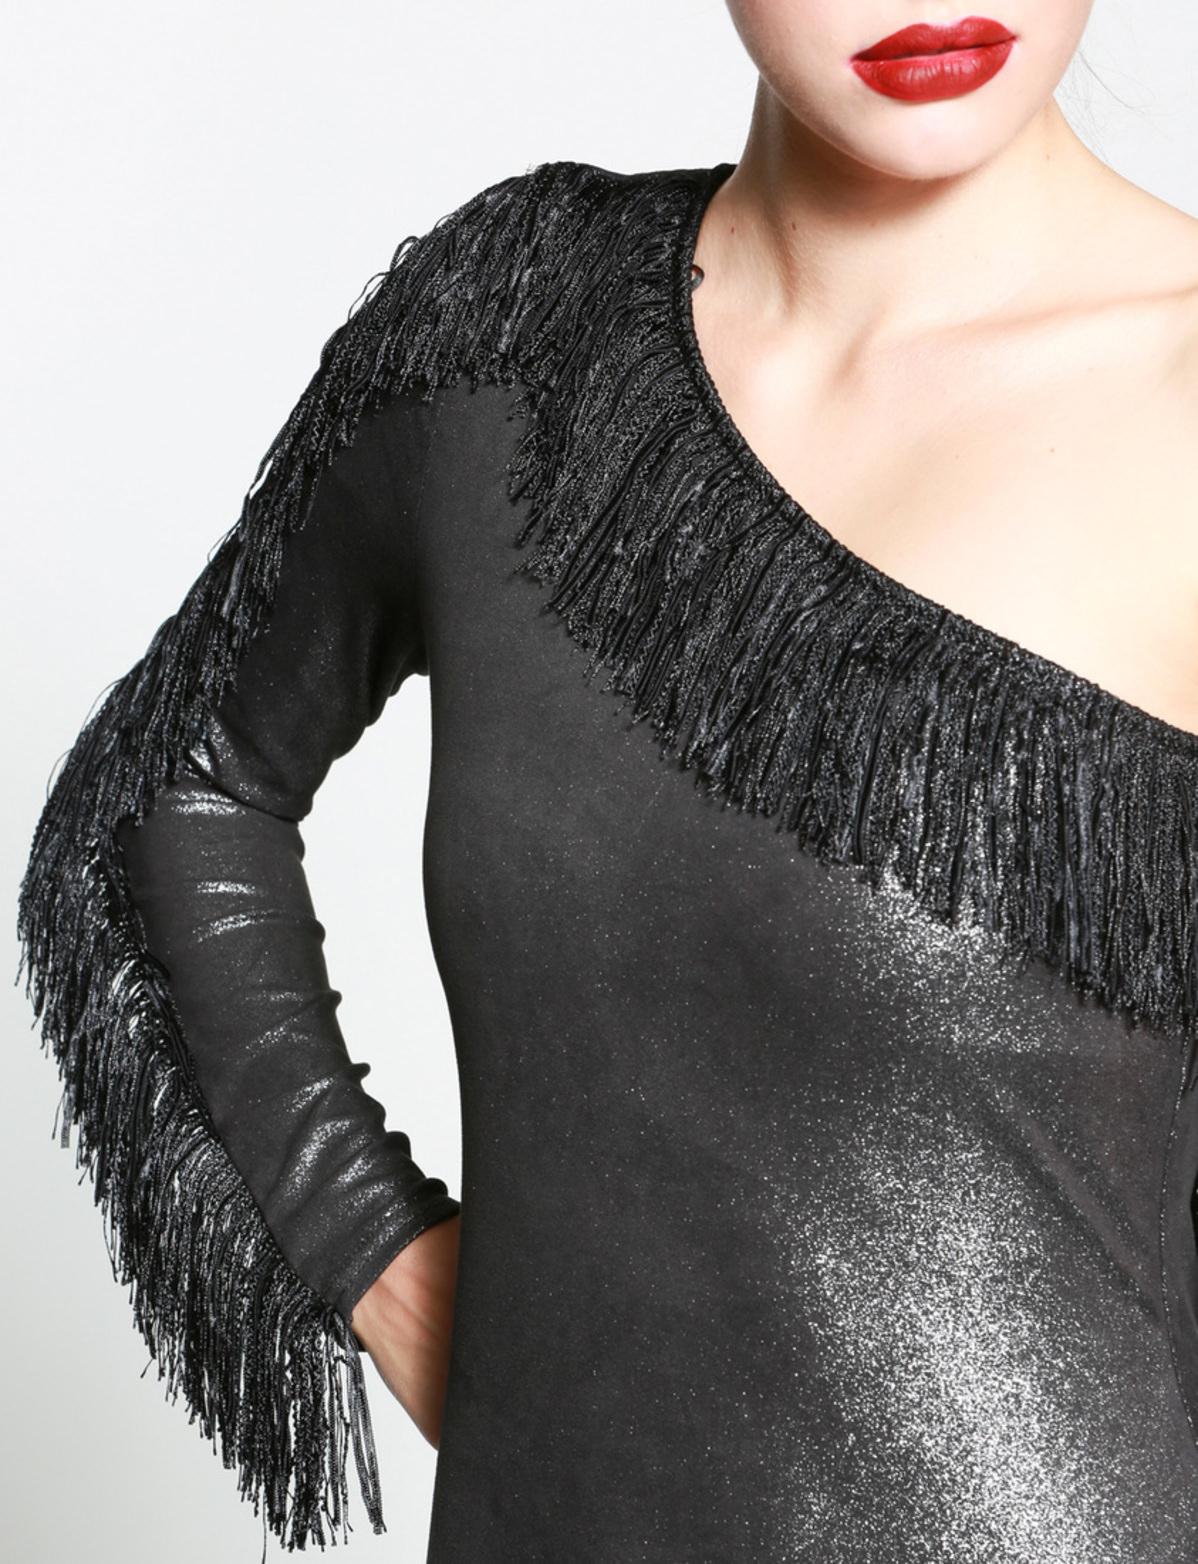 lewis in silber jetzt im jones onlineshop kaufen | jones fashion